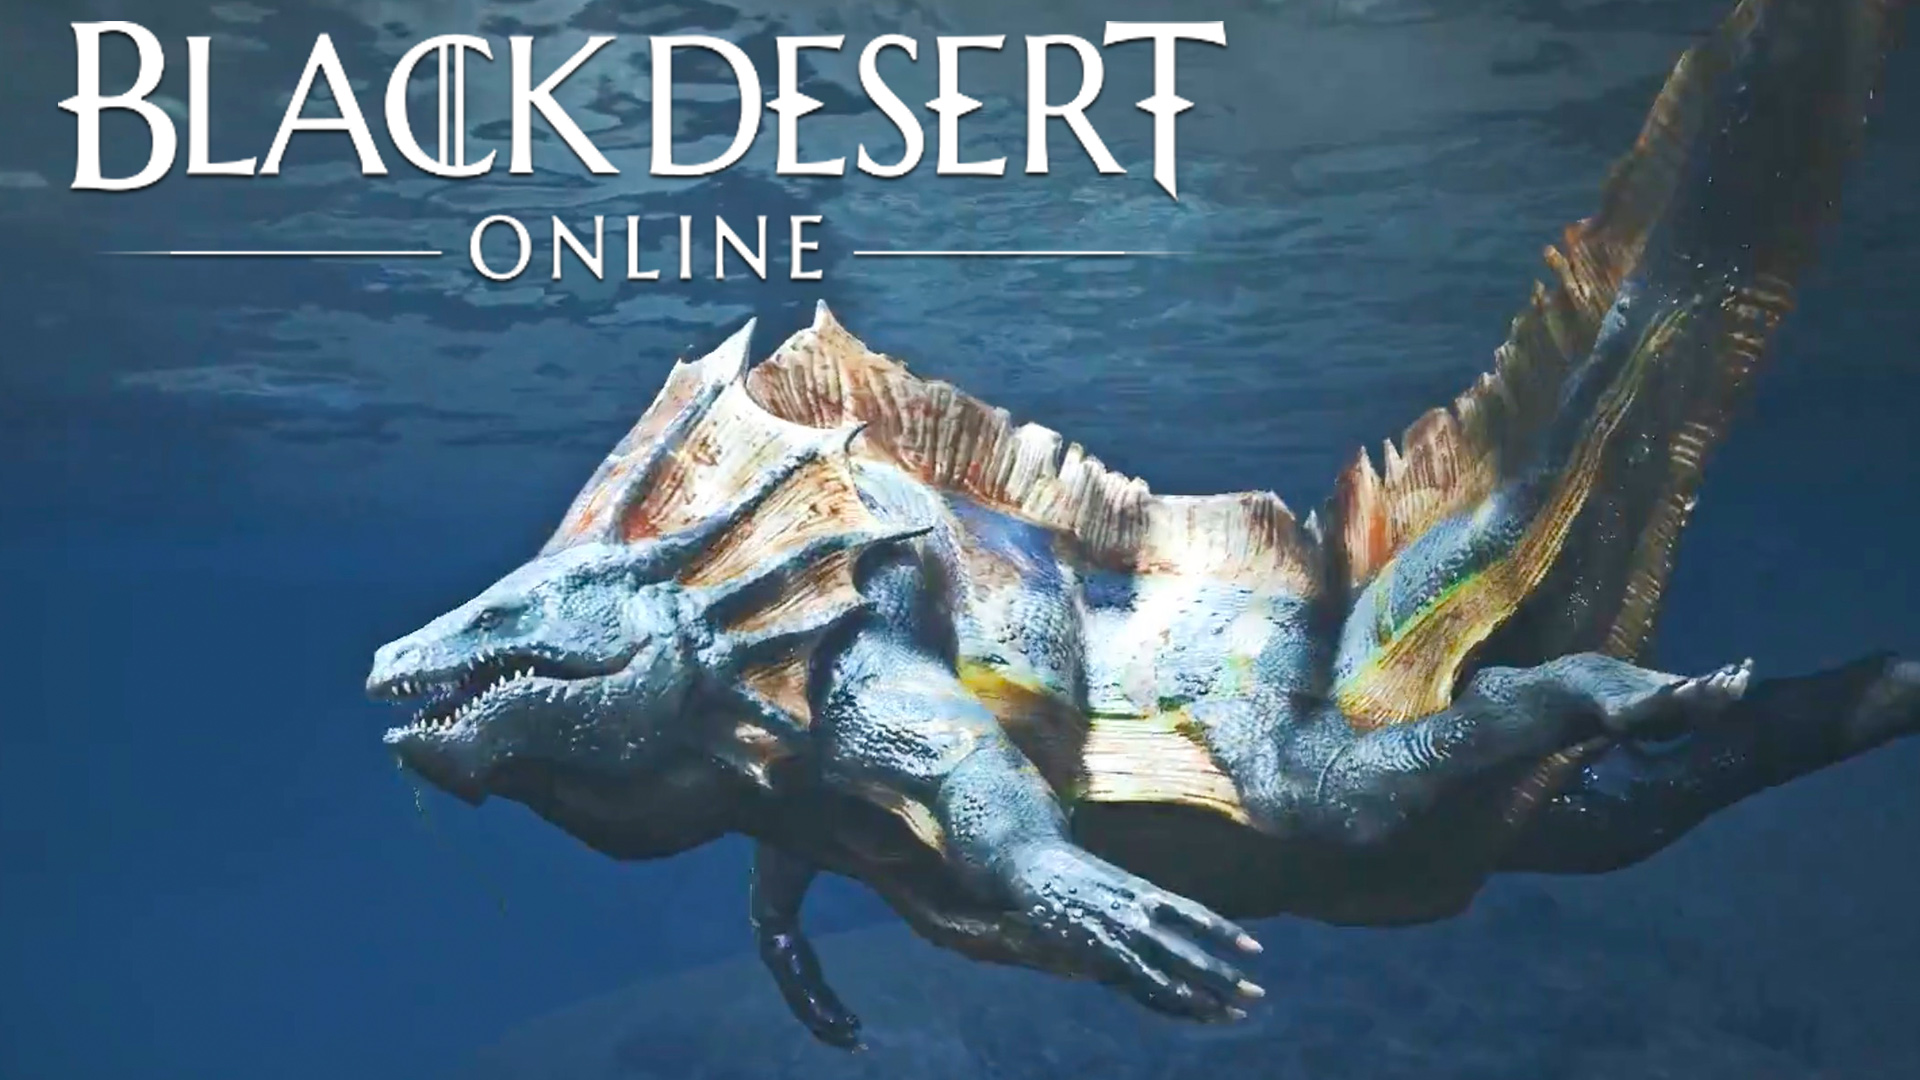 Black Desert Online - Navel Content Gamescom Teaser Trailer